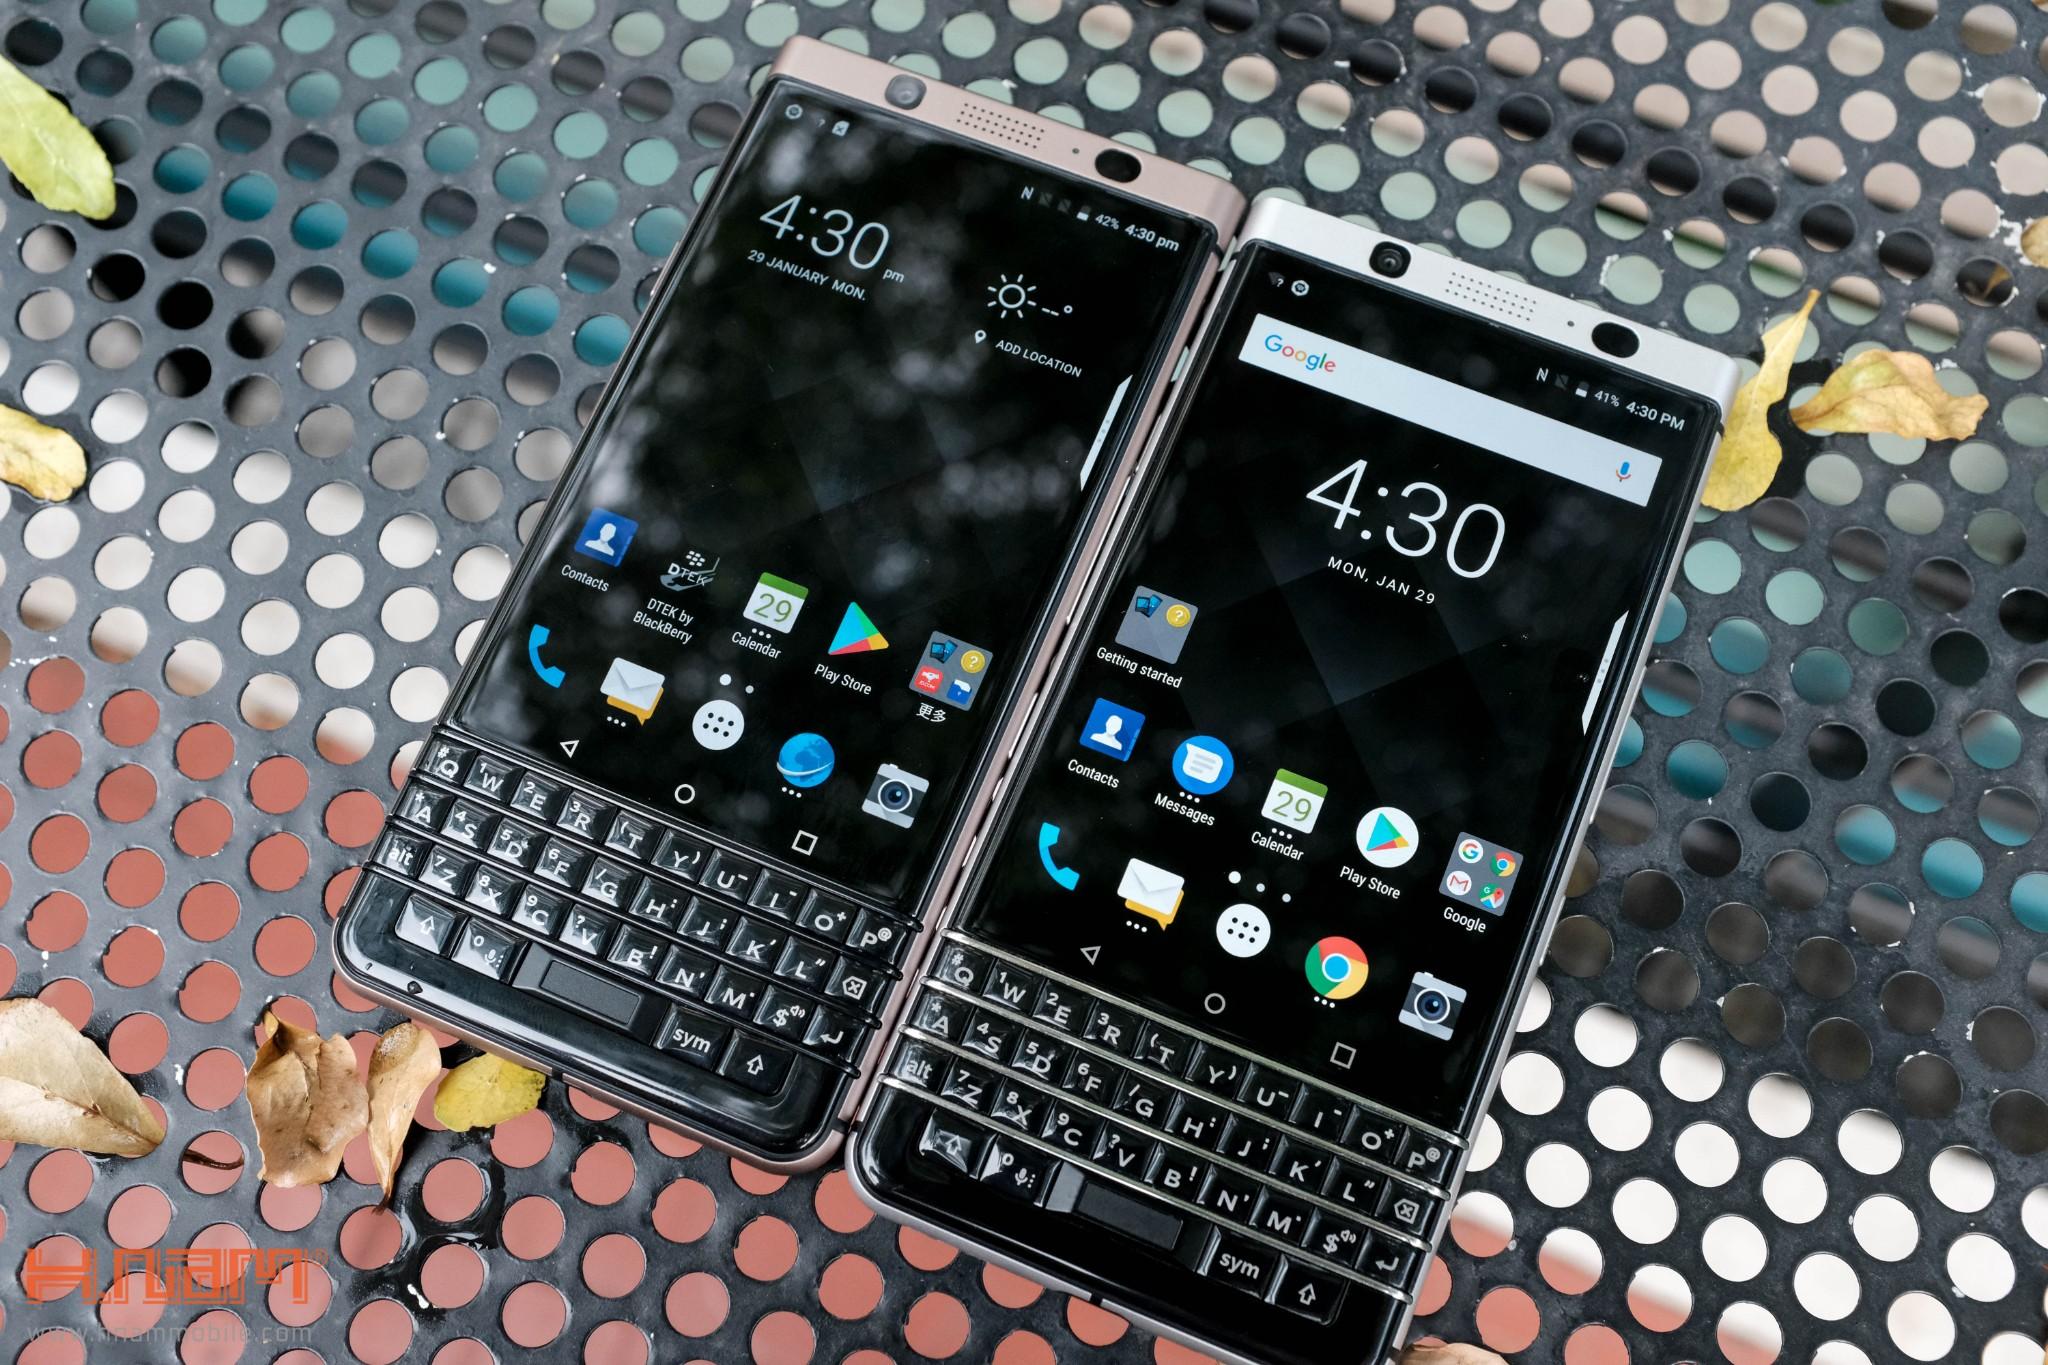 Trên tay Blackberry KEYone phiên bản màu Đồng cực chất! hình 1